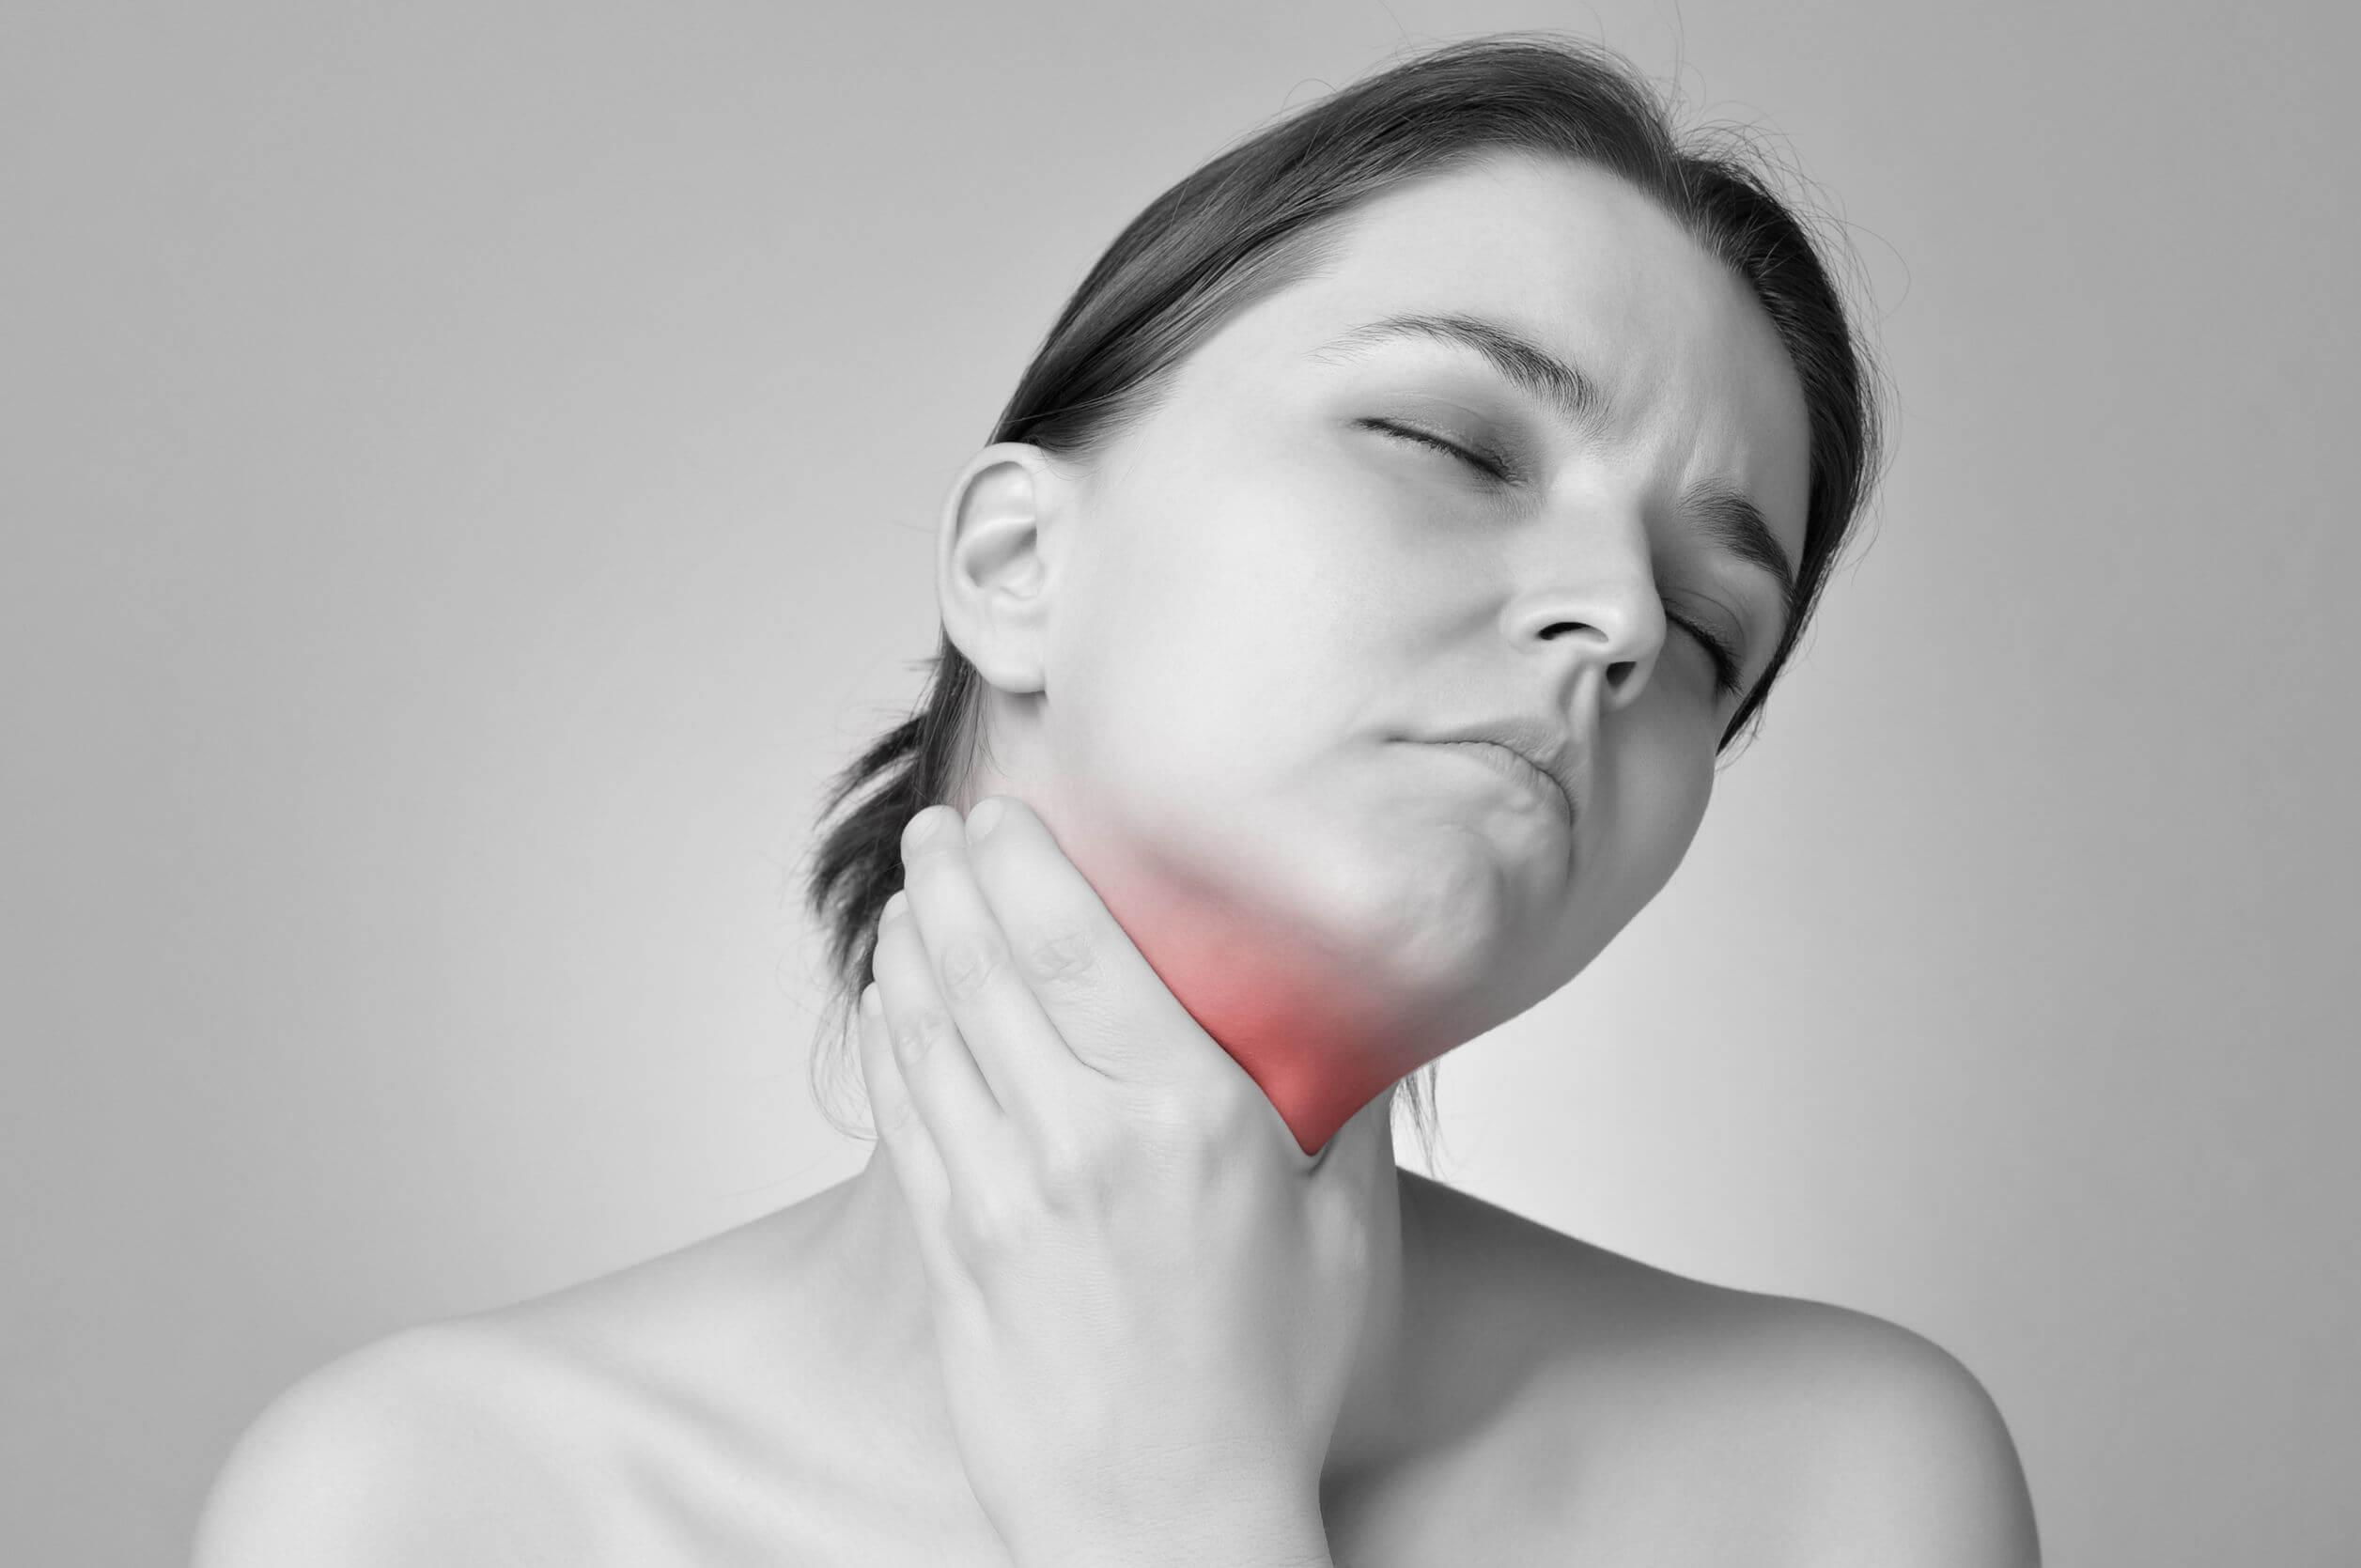 Чем опасна стрептококковая инфекция в горле и как ее лечить?